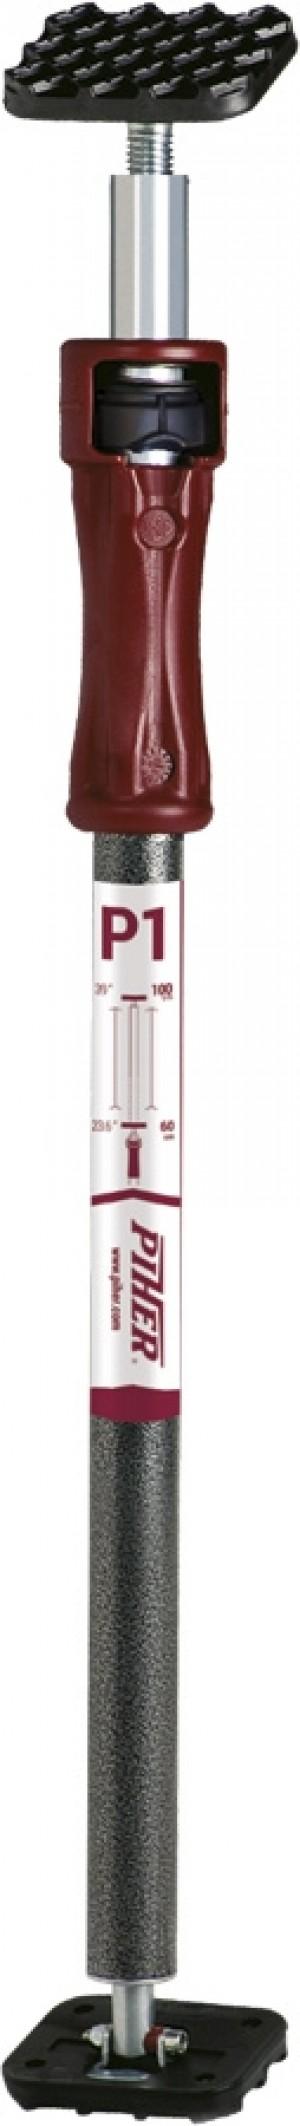 PIHER Lastenstange P1